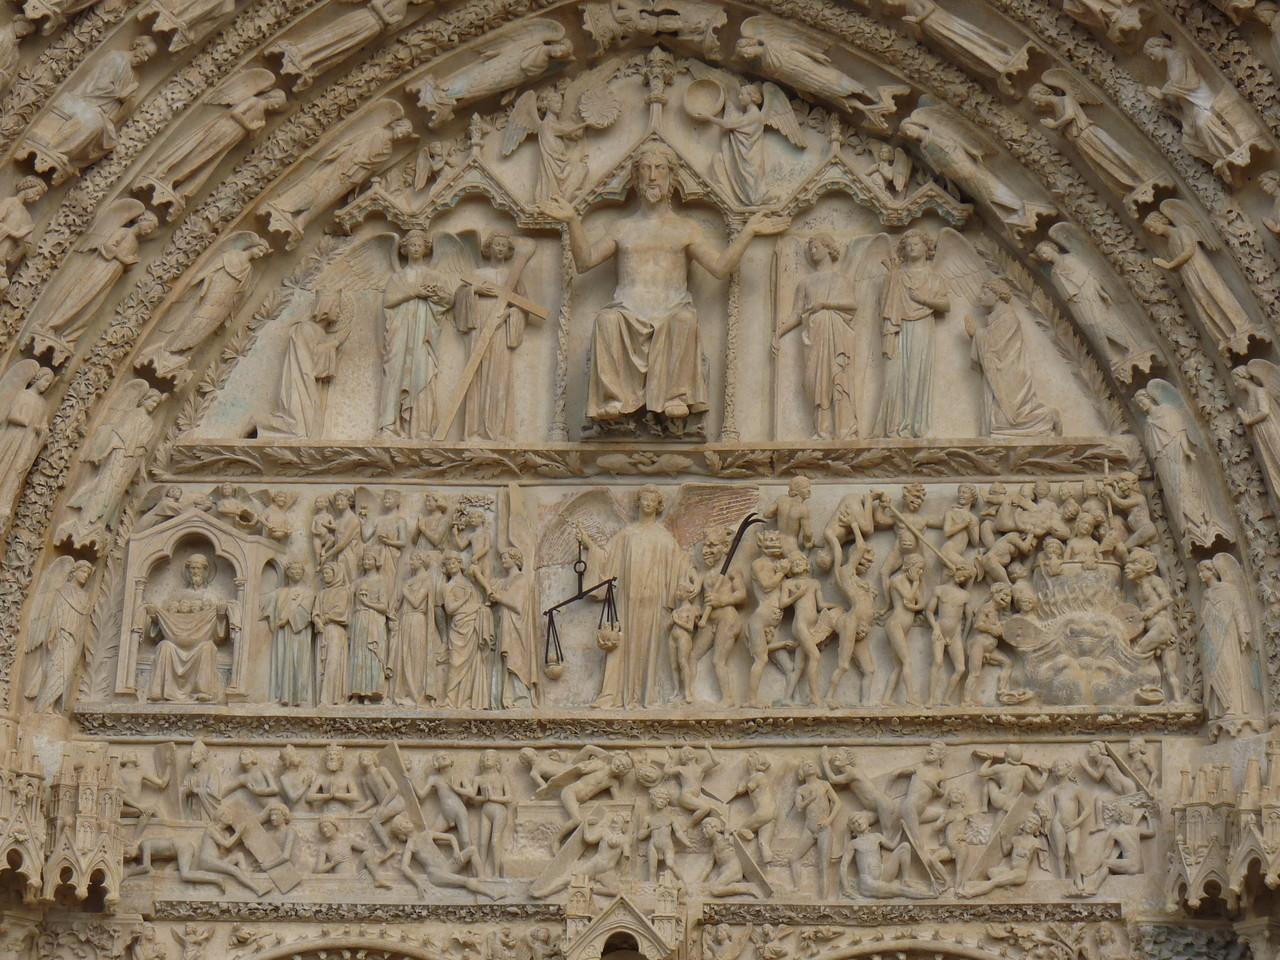 Bourges, la cathédrale Saint Etienne : le portail central de la façade Ouest représentant le Jugement Dernier